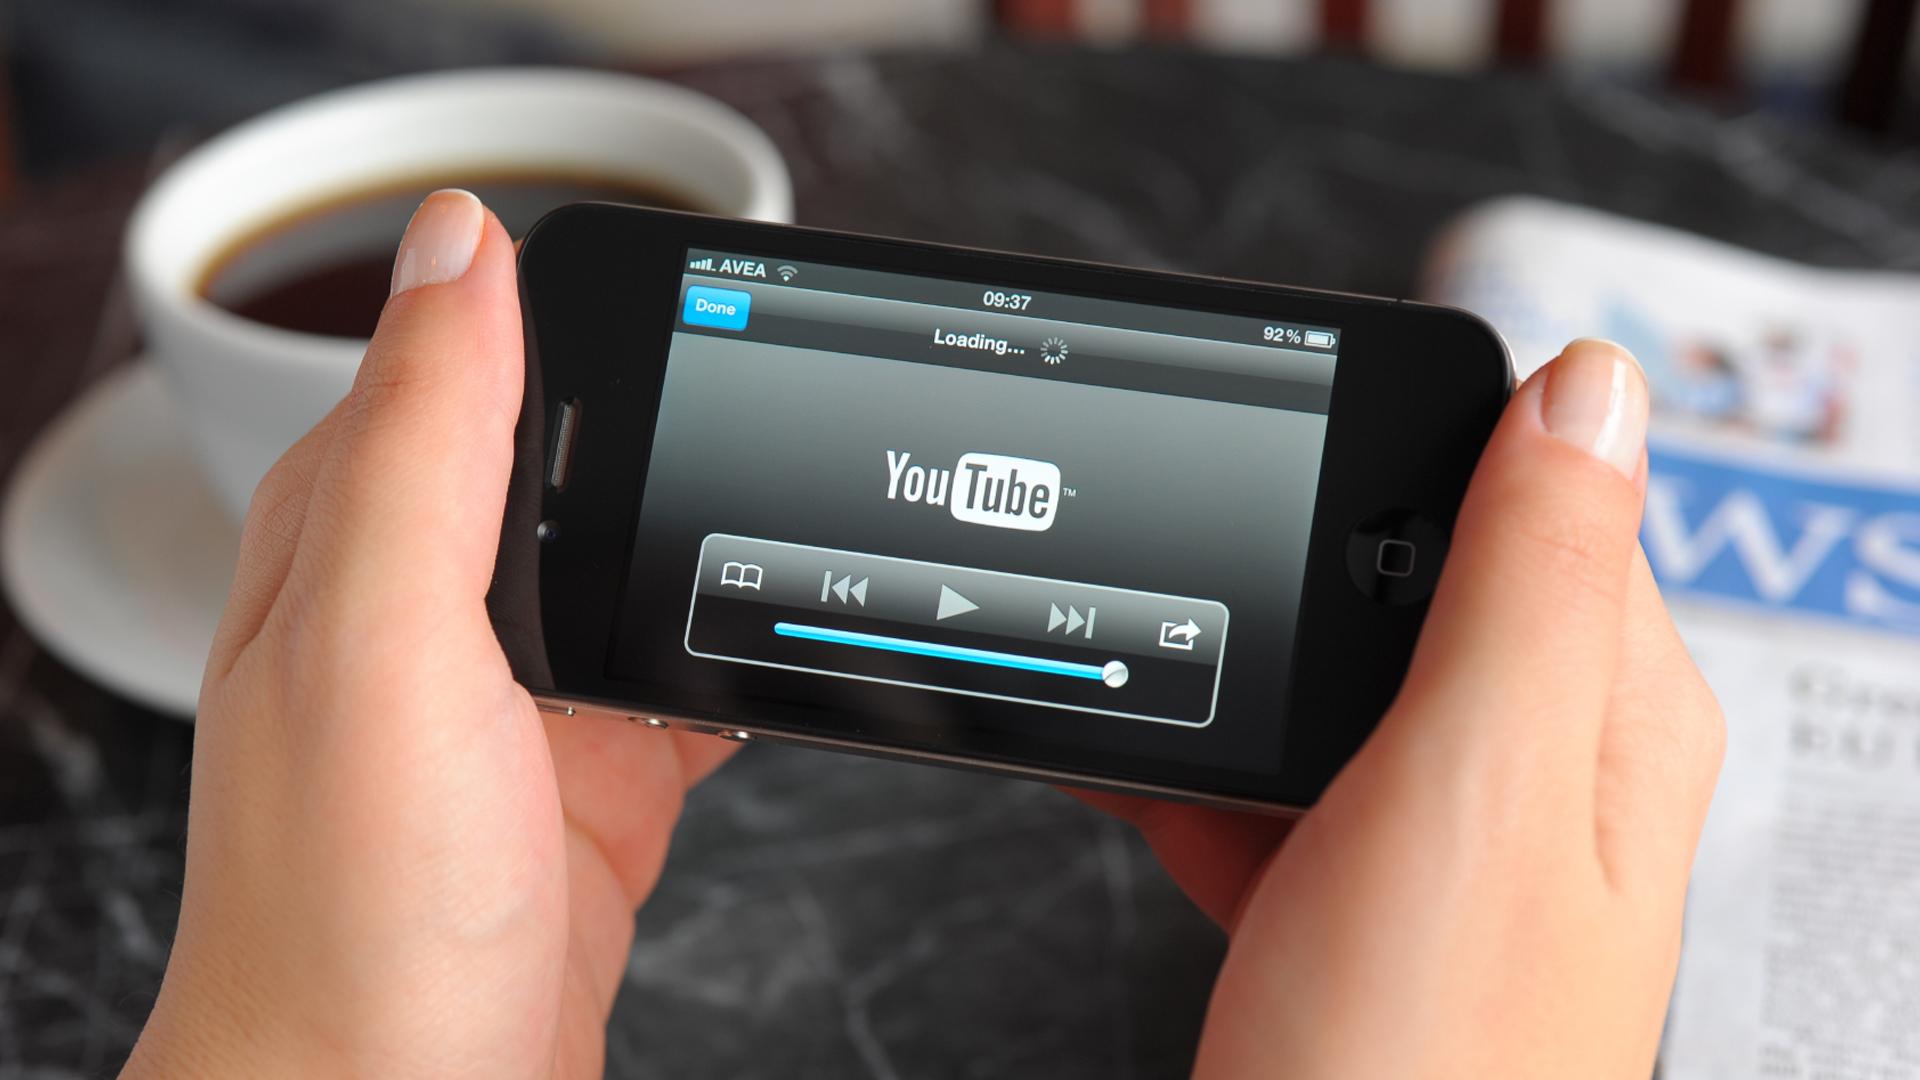 smotret-video-po-telefone